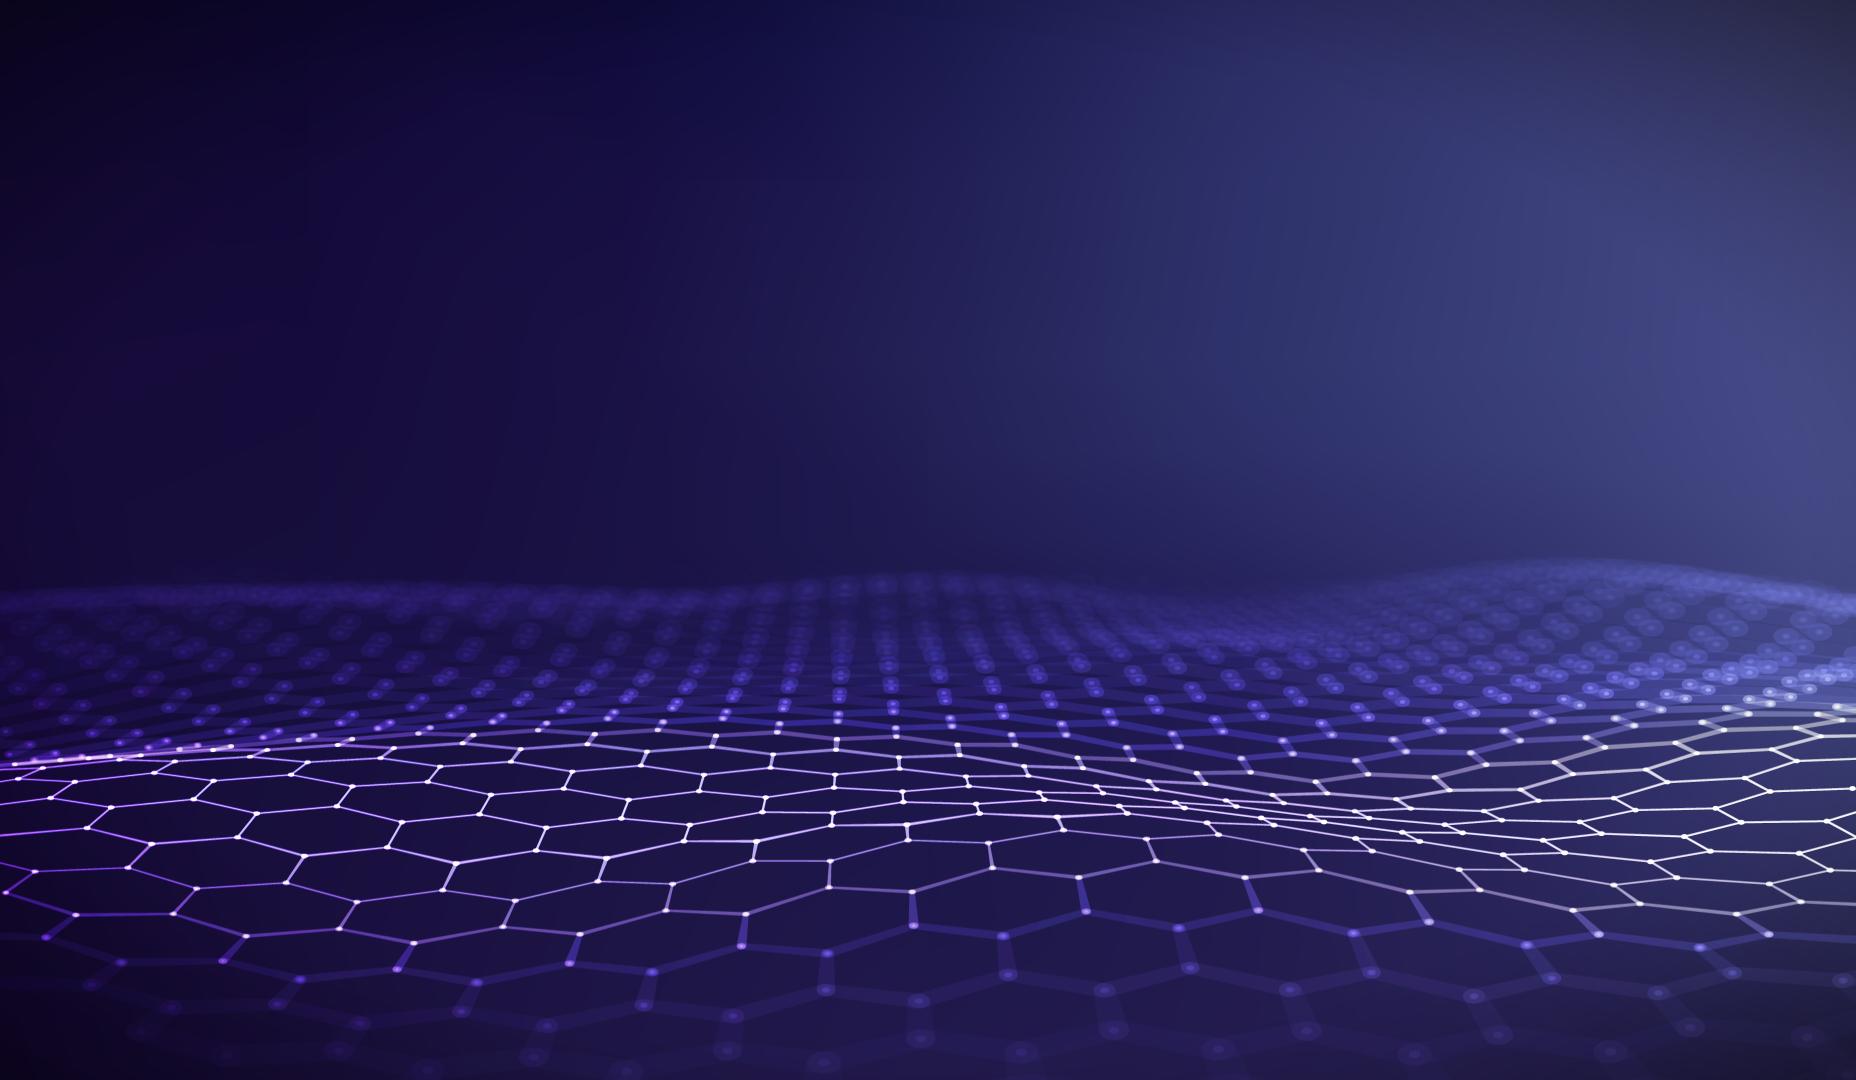 intelligence-technology-background